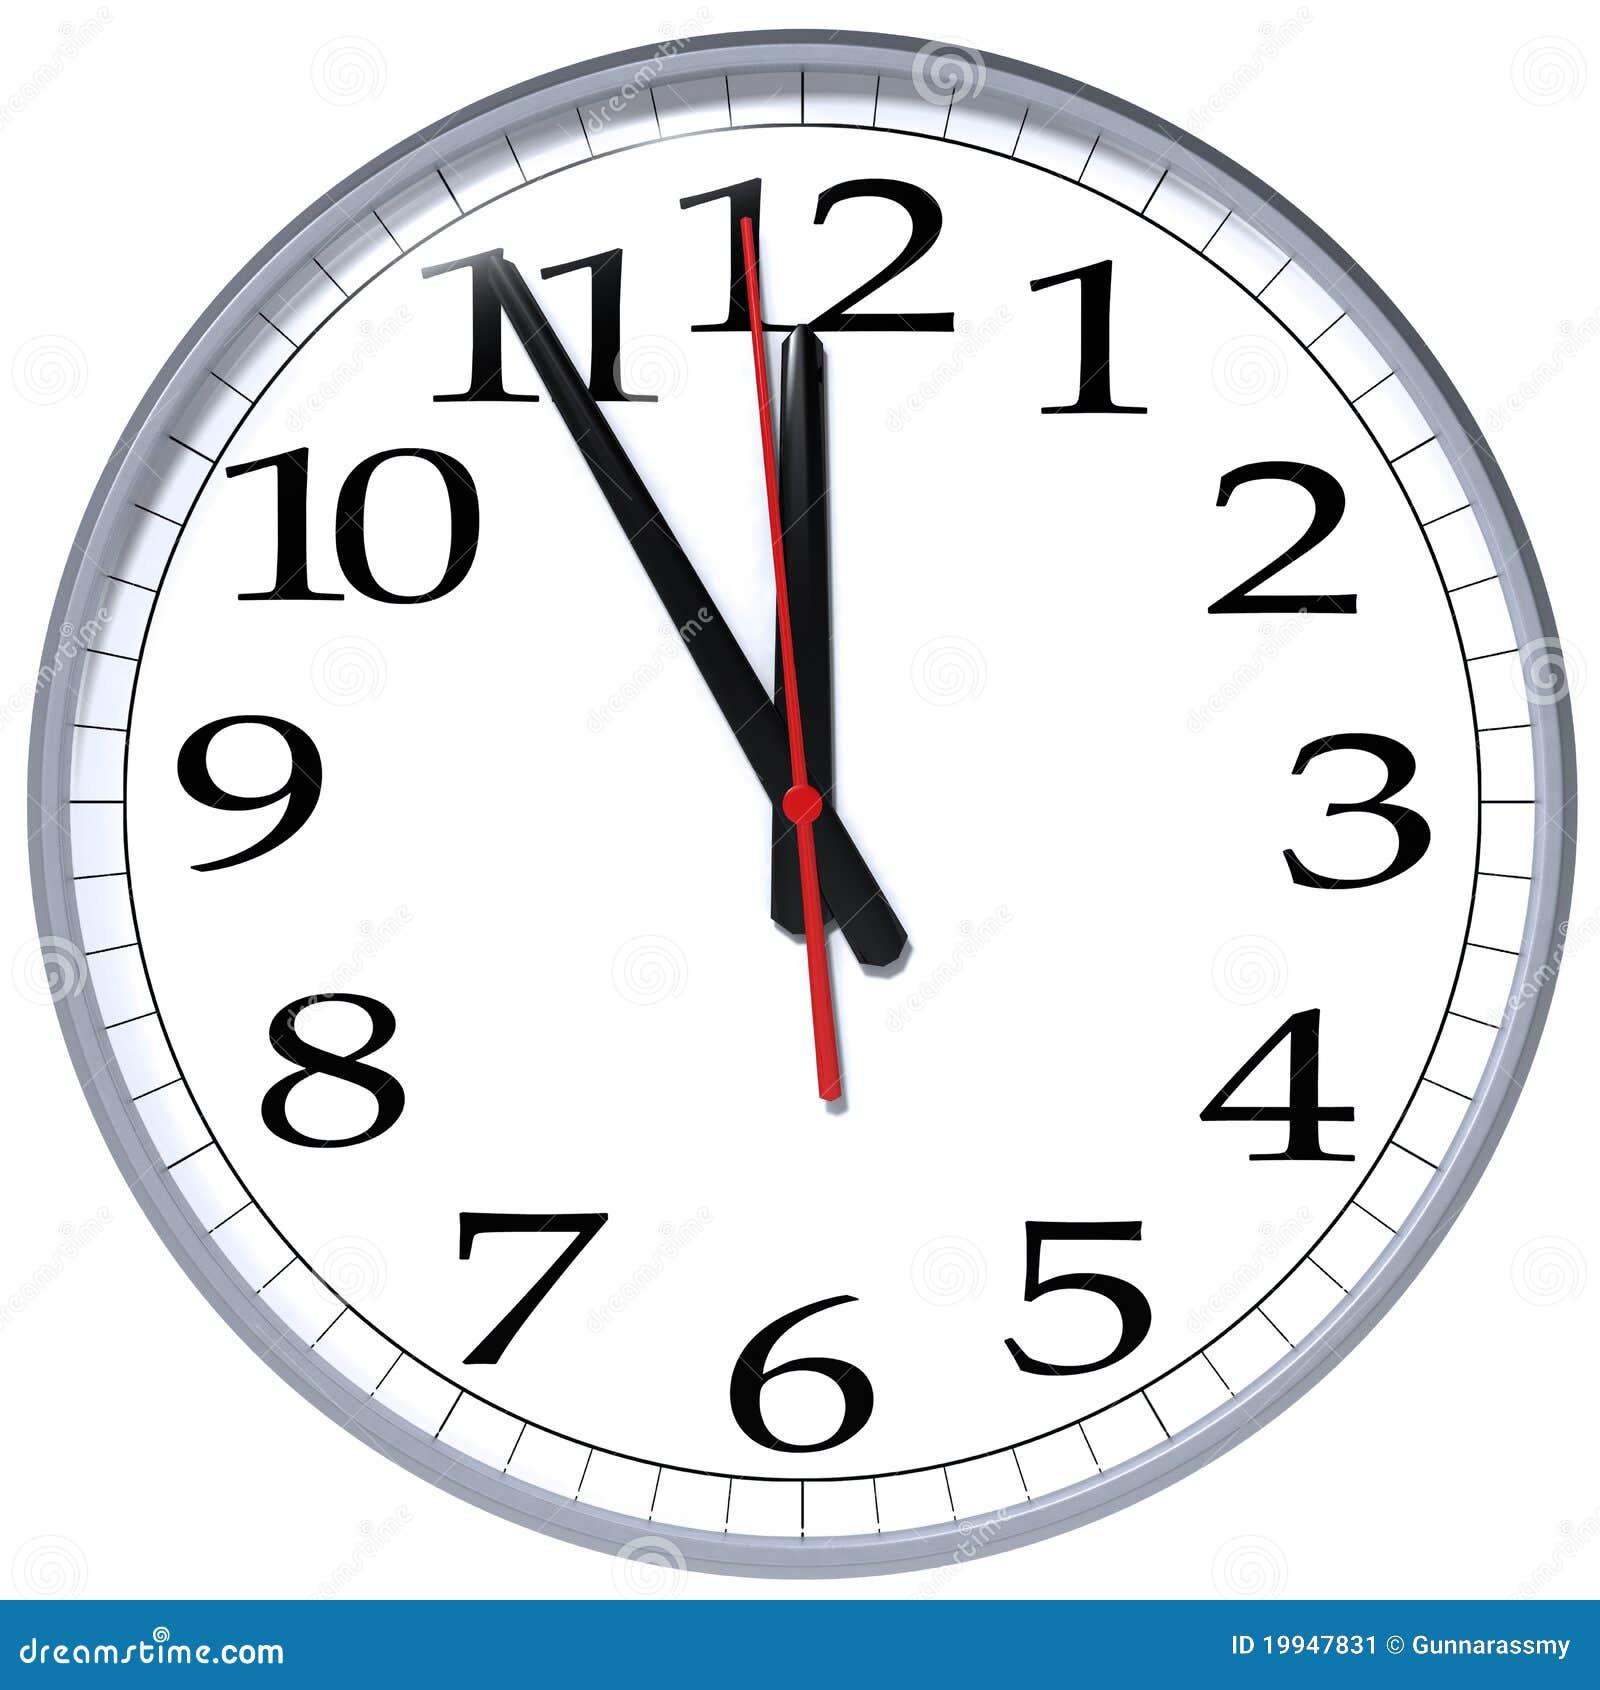 Модель циферблата часов для детей из бумаги своими руками 28